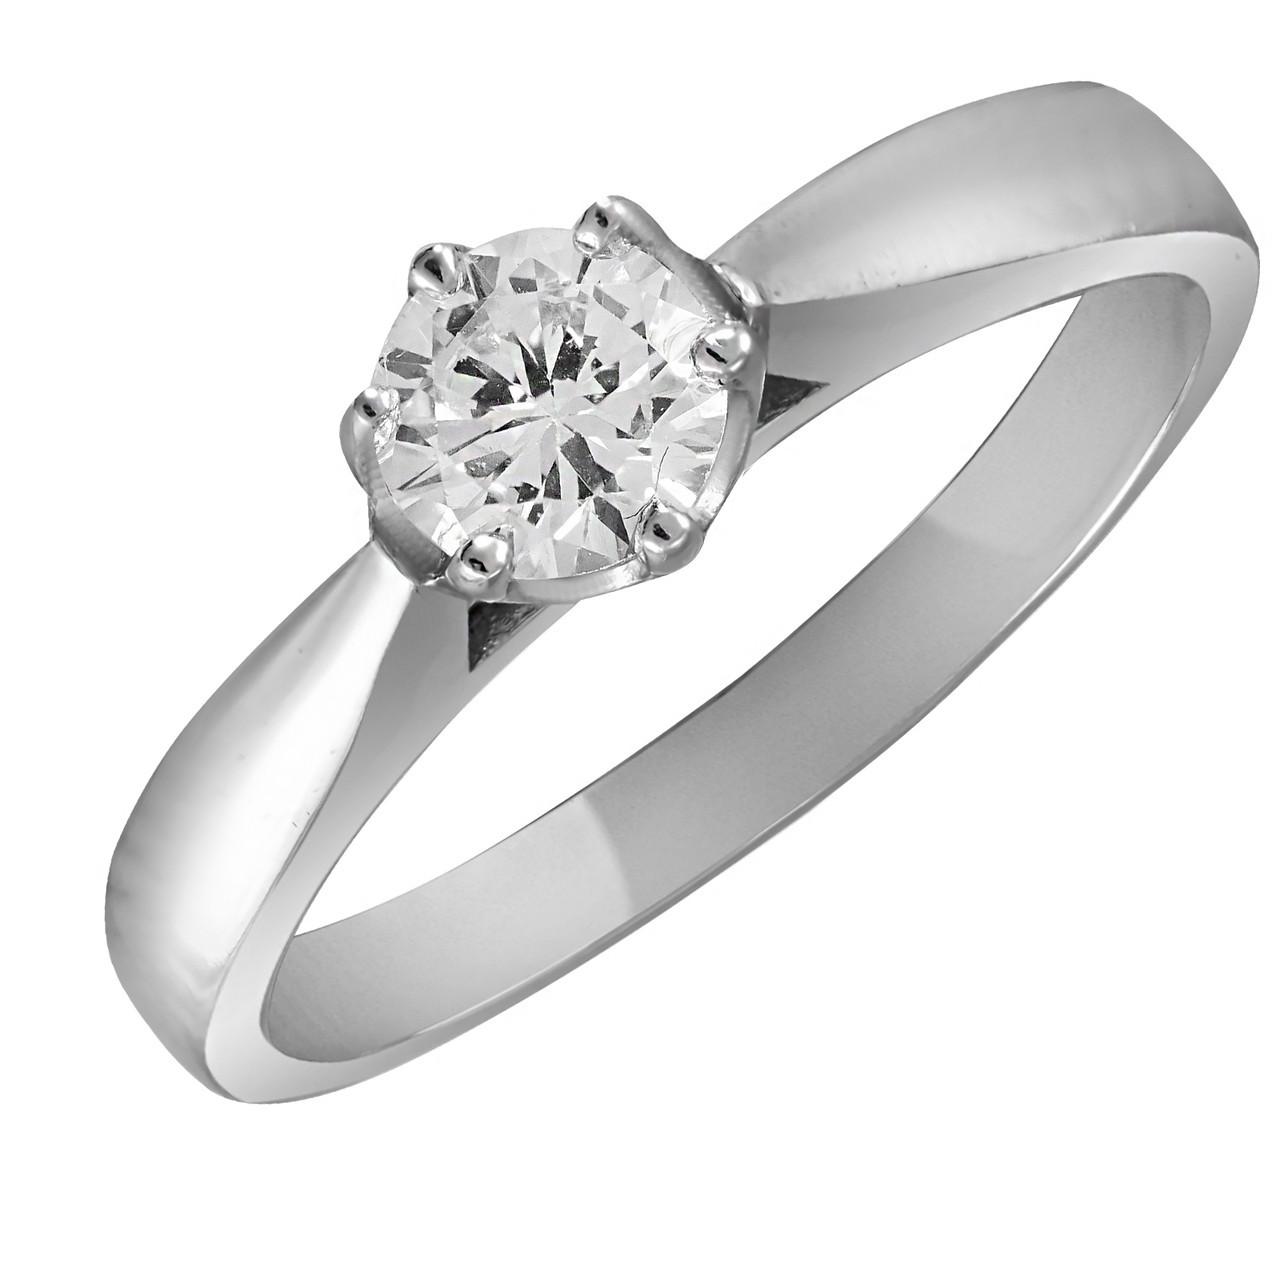 Кольцо из серебра с кубическим цирконием Twiddle Jewelry 18.5 размер (К015-18.5)